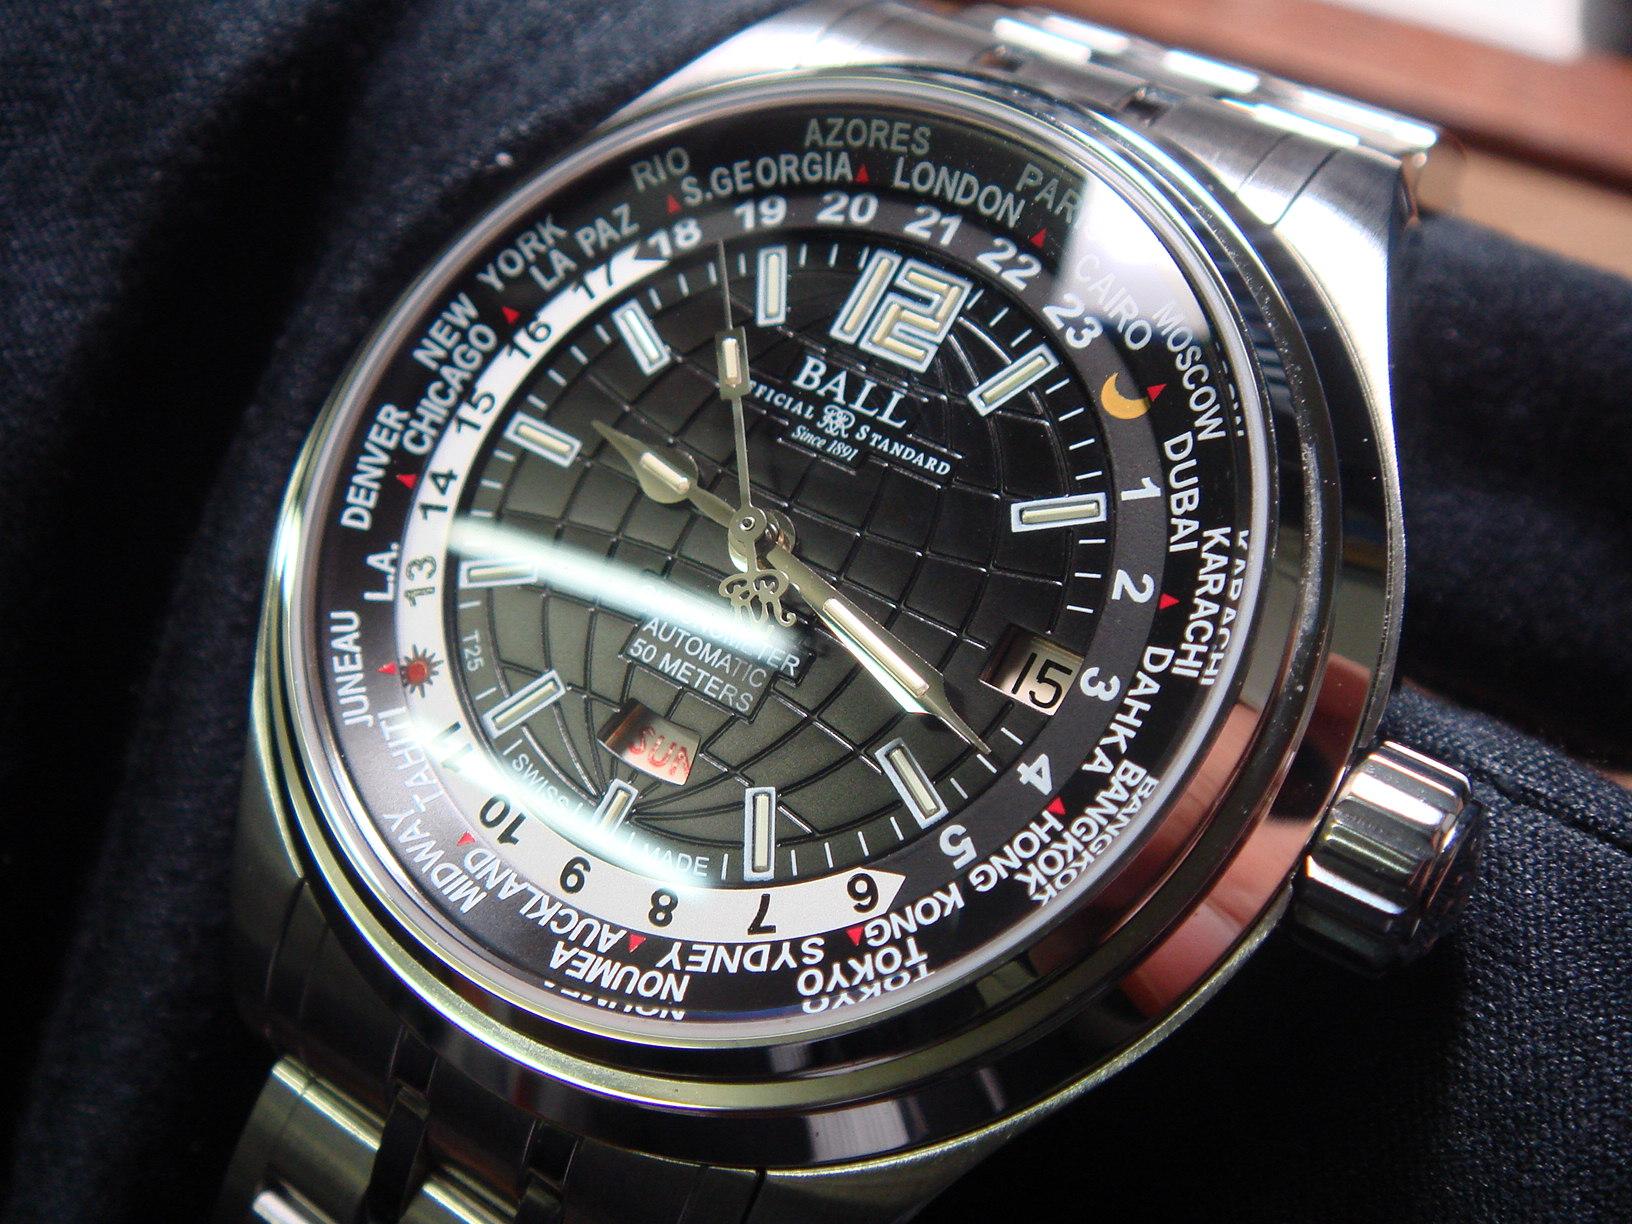 カシオ腕時計│ワールドタイムの都市コード48ヶ国  …